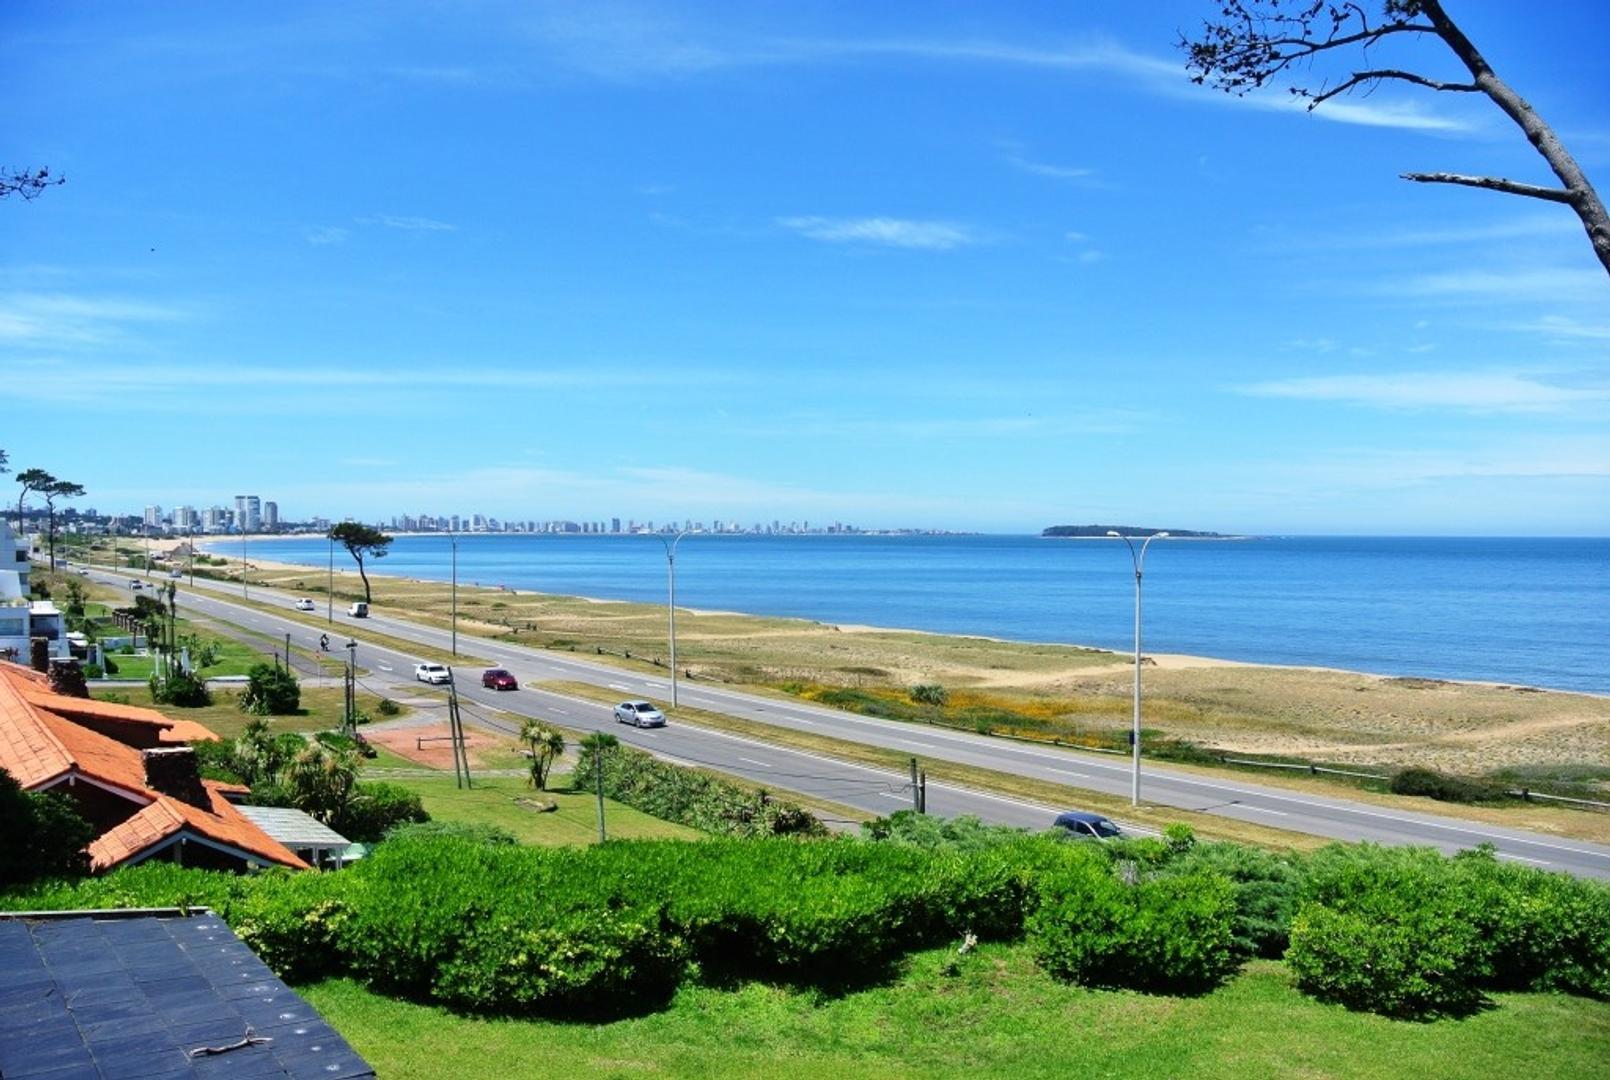 (ATM-AT2-3178) Casa - Alquiler temporario - Uruguay, Punta del Este - Foto 18